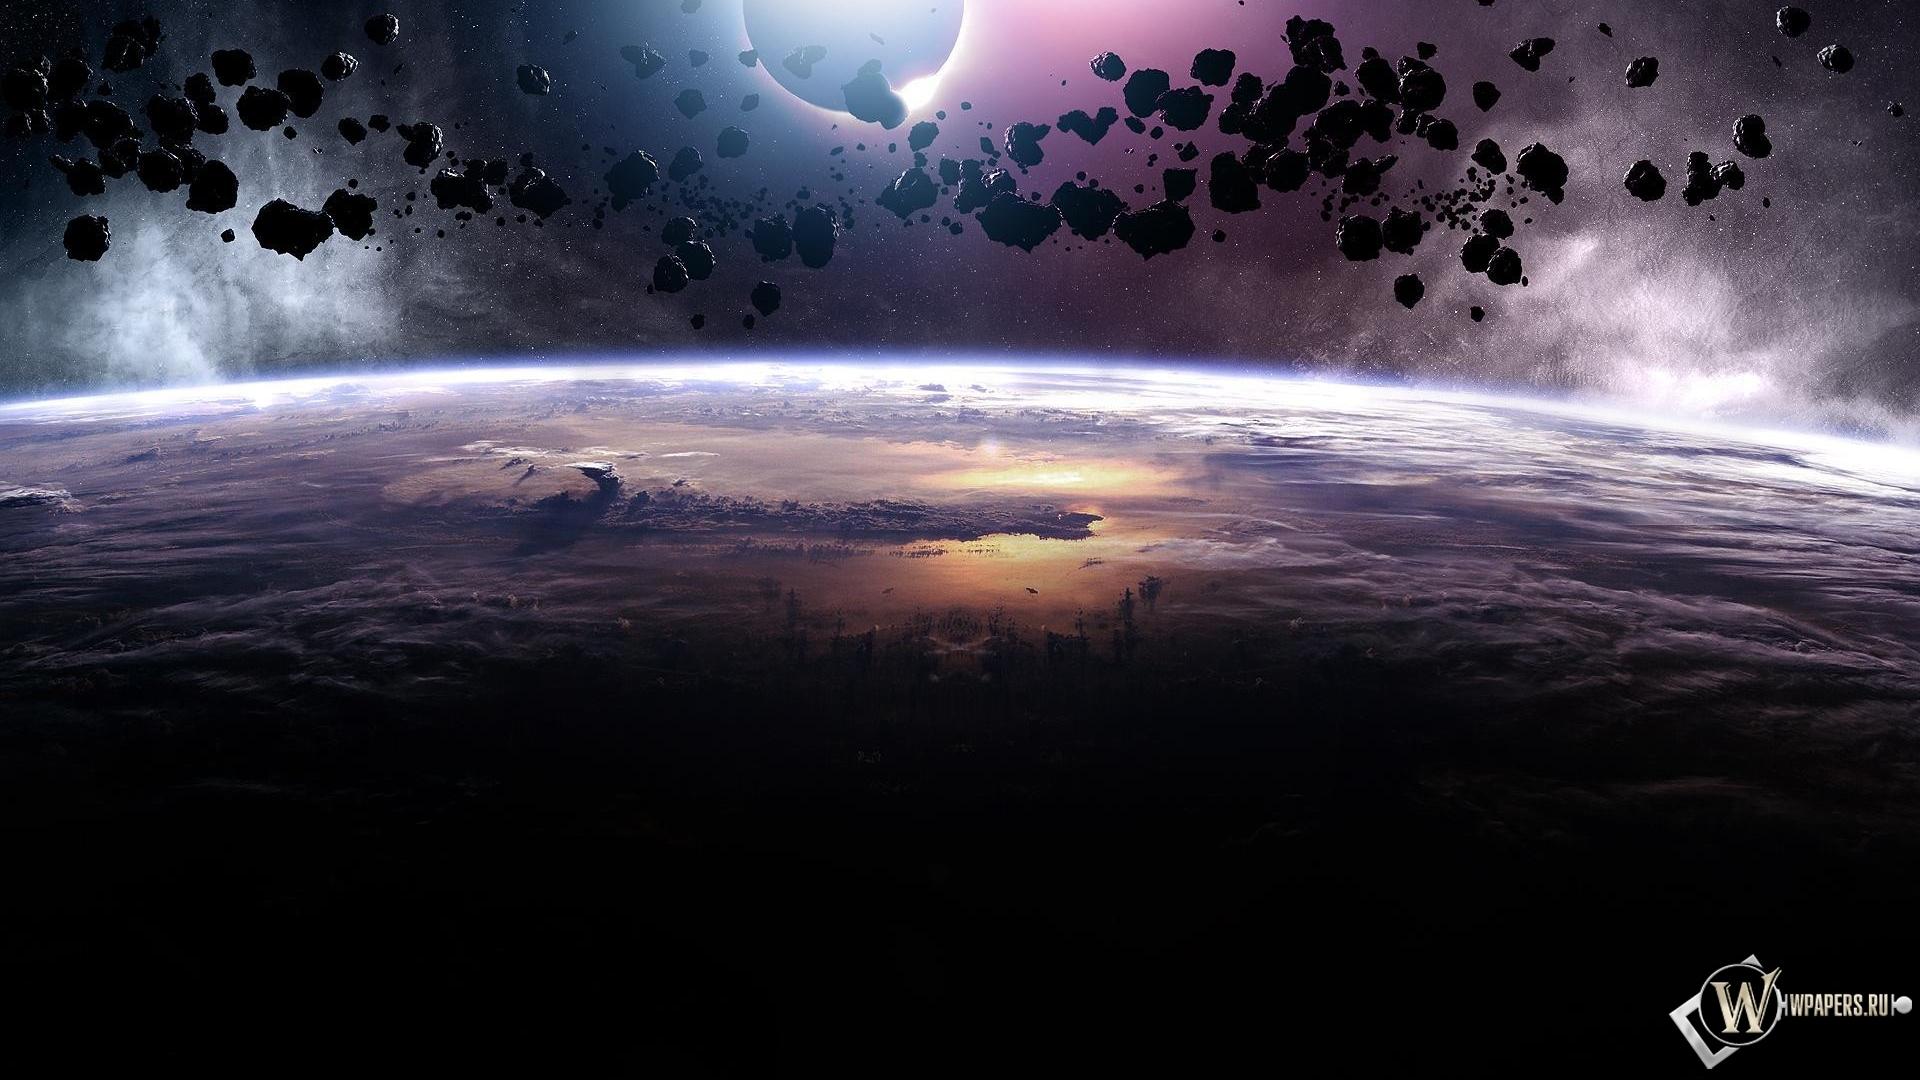 Планета обоев 116 астероиды обоев